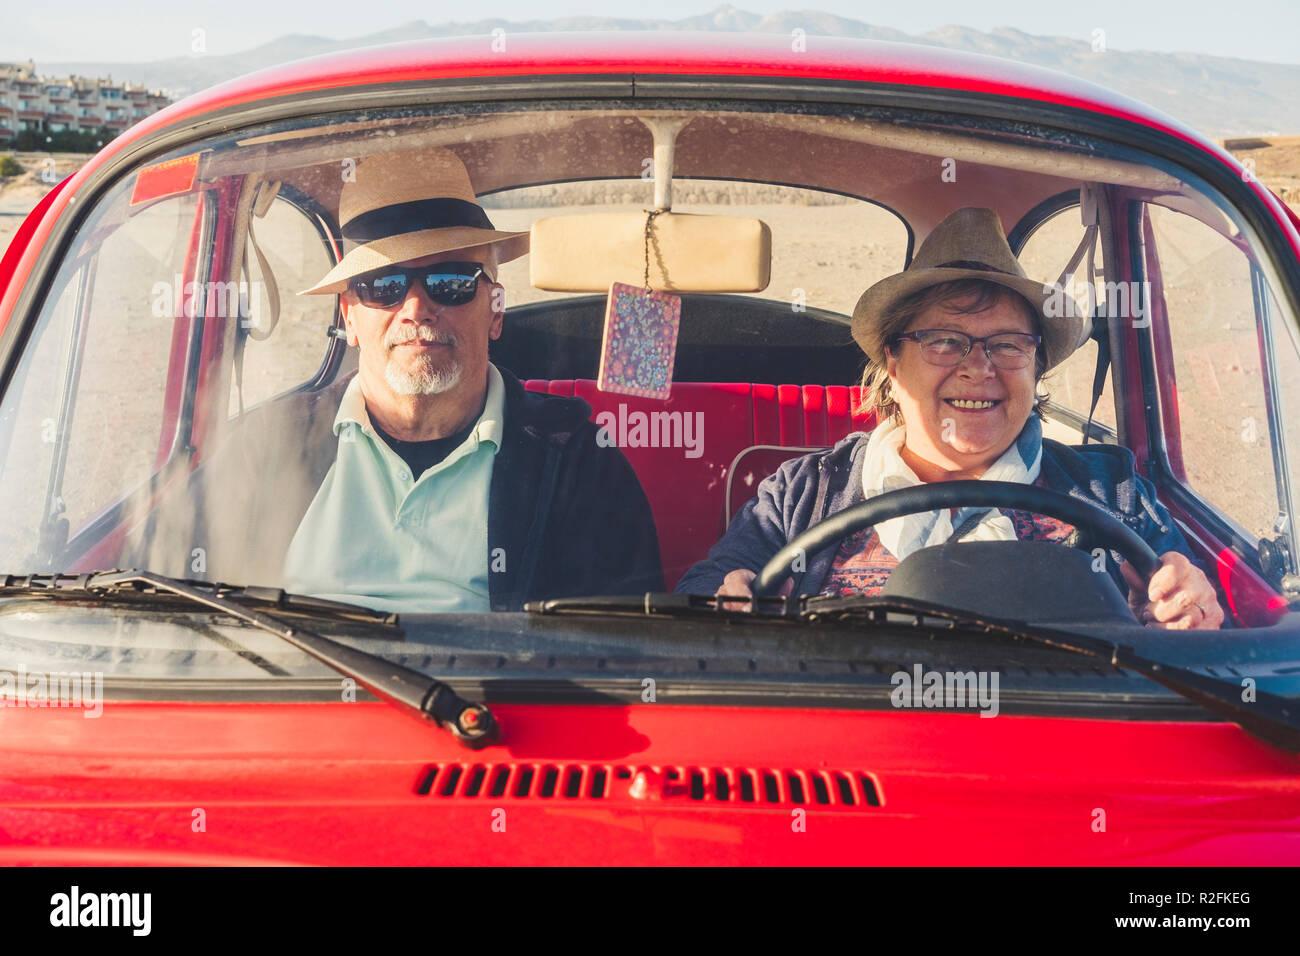 Hombre y mujer senior con sombreros divertirse en el verano dentro de un viejo coche rojo. Ella siles y él es grave con gafas de sol. Jóvenes positivos antiguo concepto. Imagen De Stock